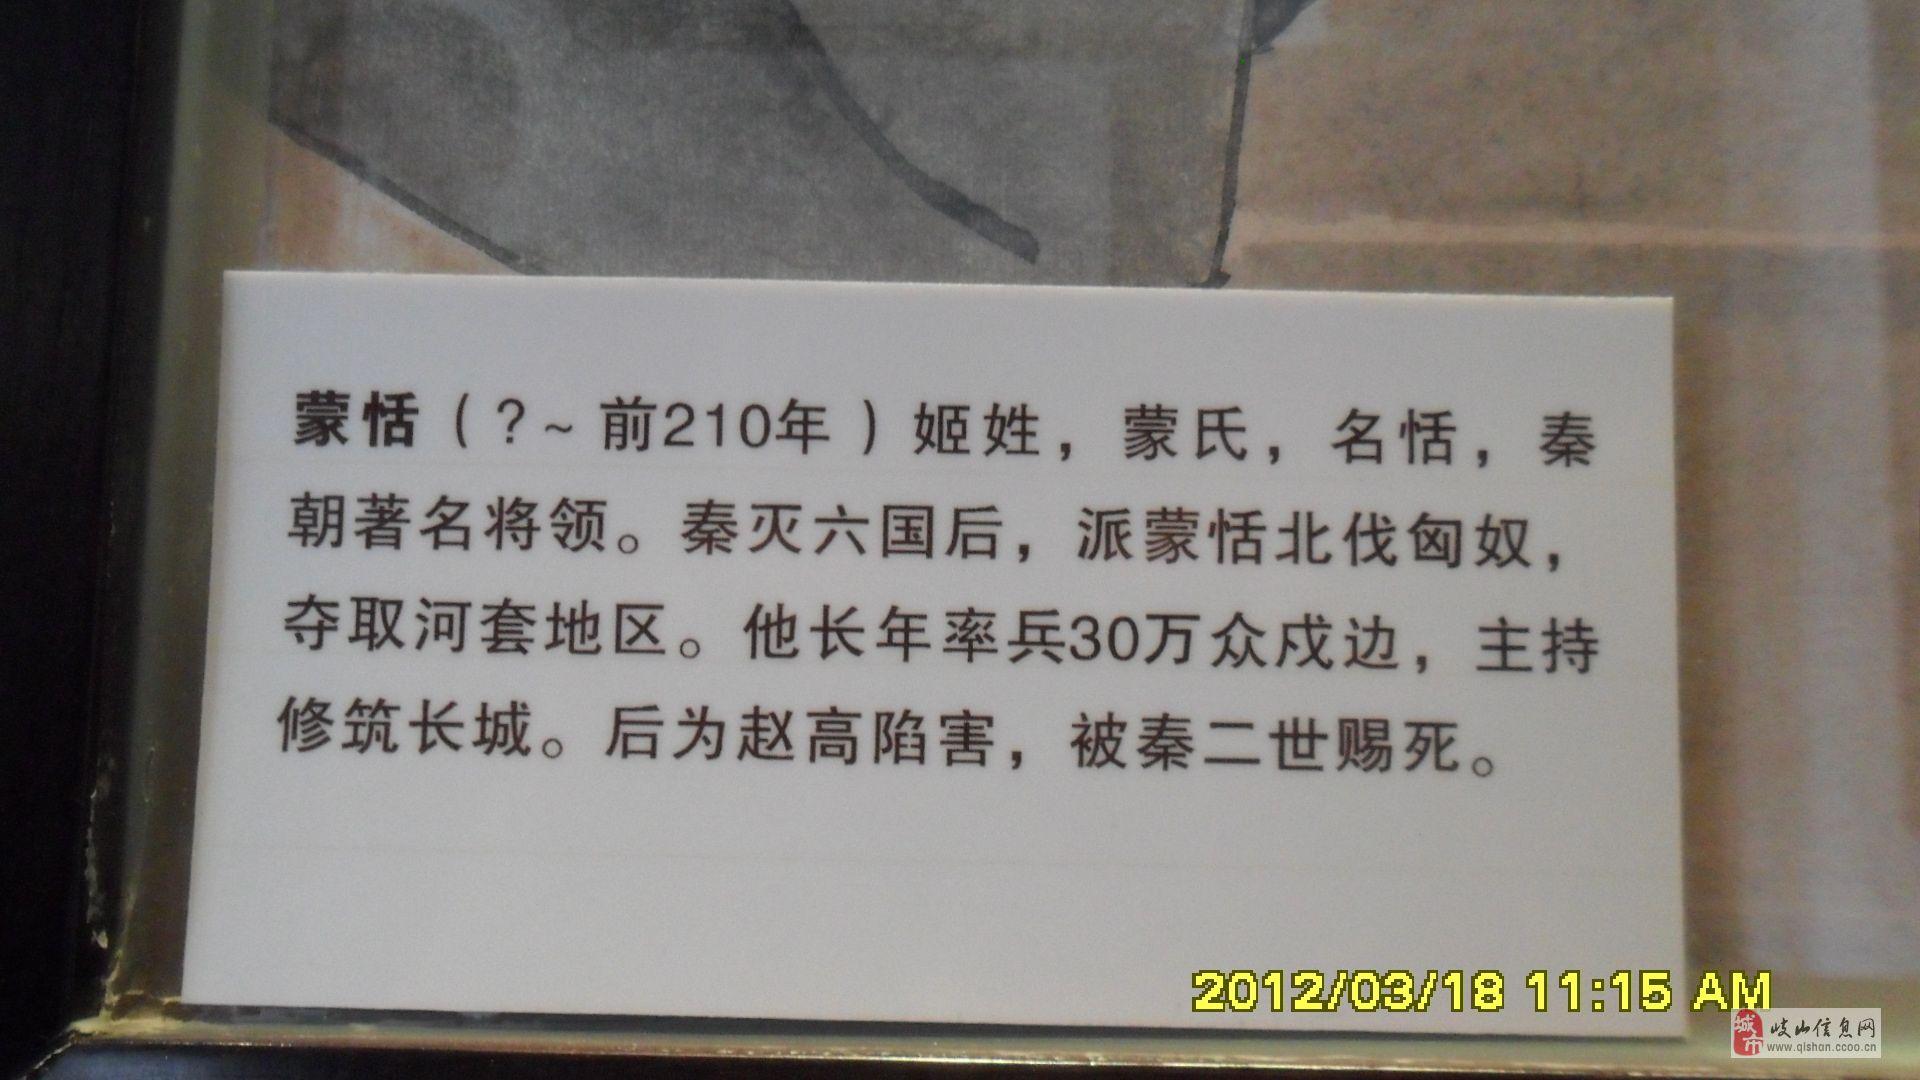 [原创] 秦二世墓 888真人娱乐信息网